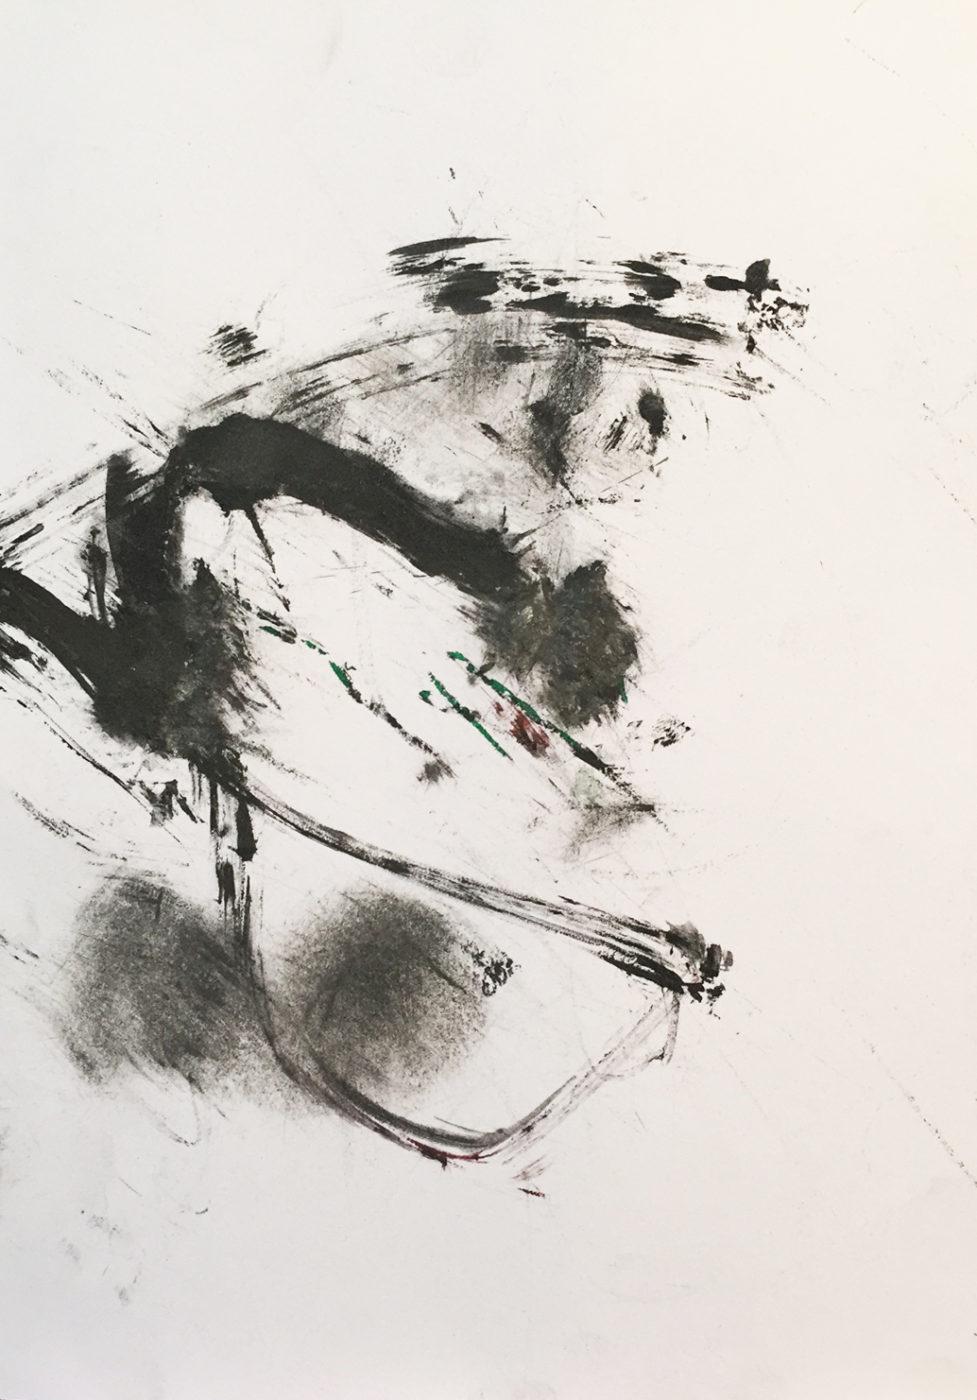 MARC FELD 2016 CONTREPOINT Fusain, encre sur papier 21 x 29,7 cm